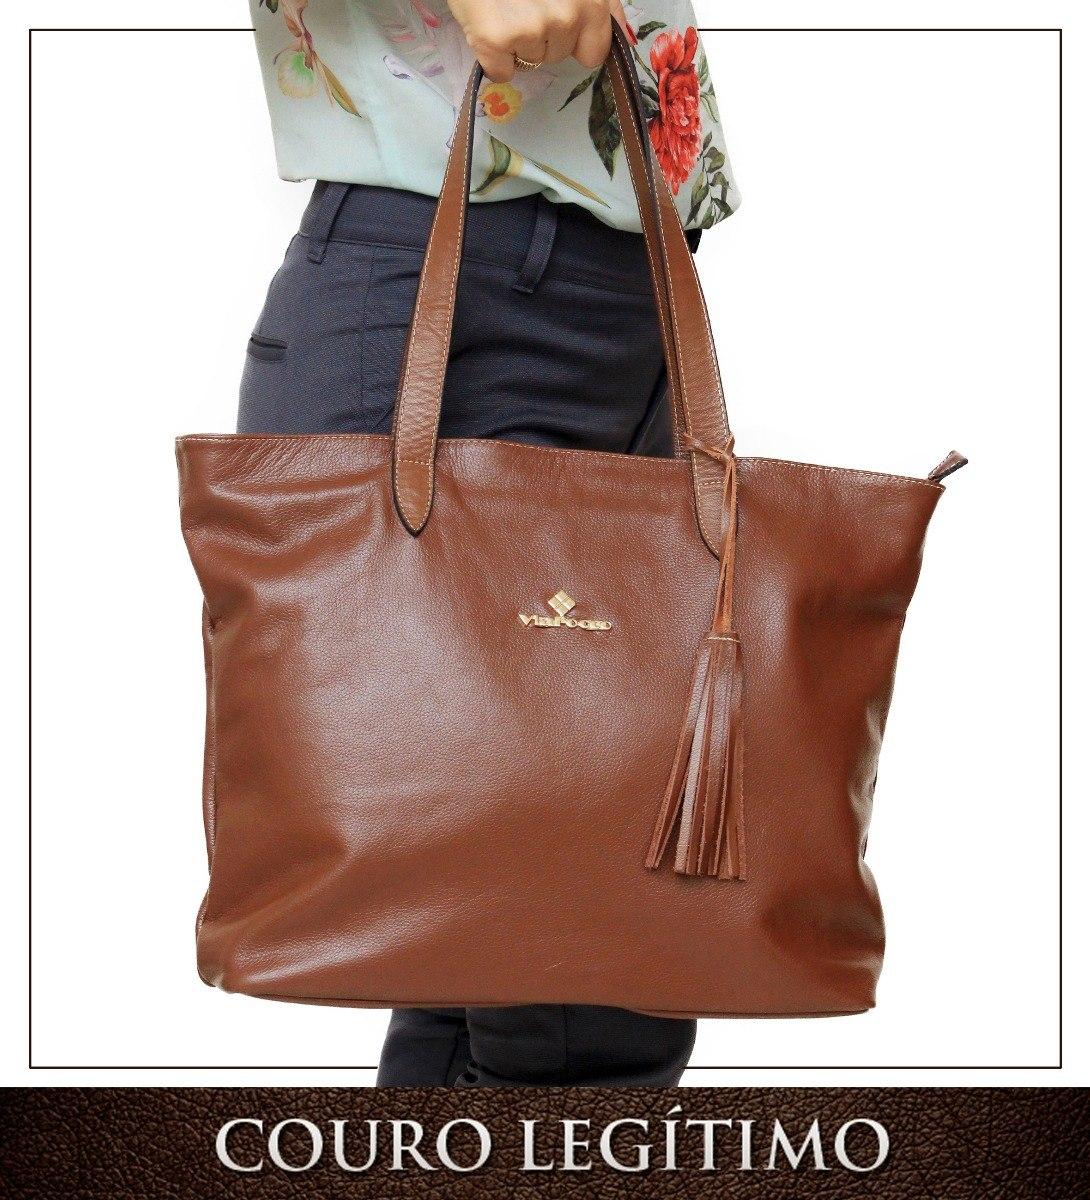 bad3fc960 bolsas femininas baratas de couro legítimo tamanho grande. Carregando zoom.